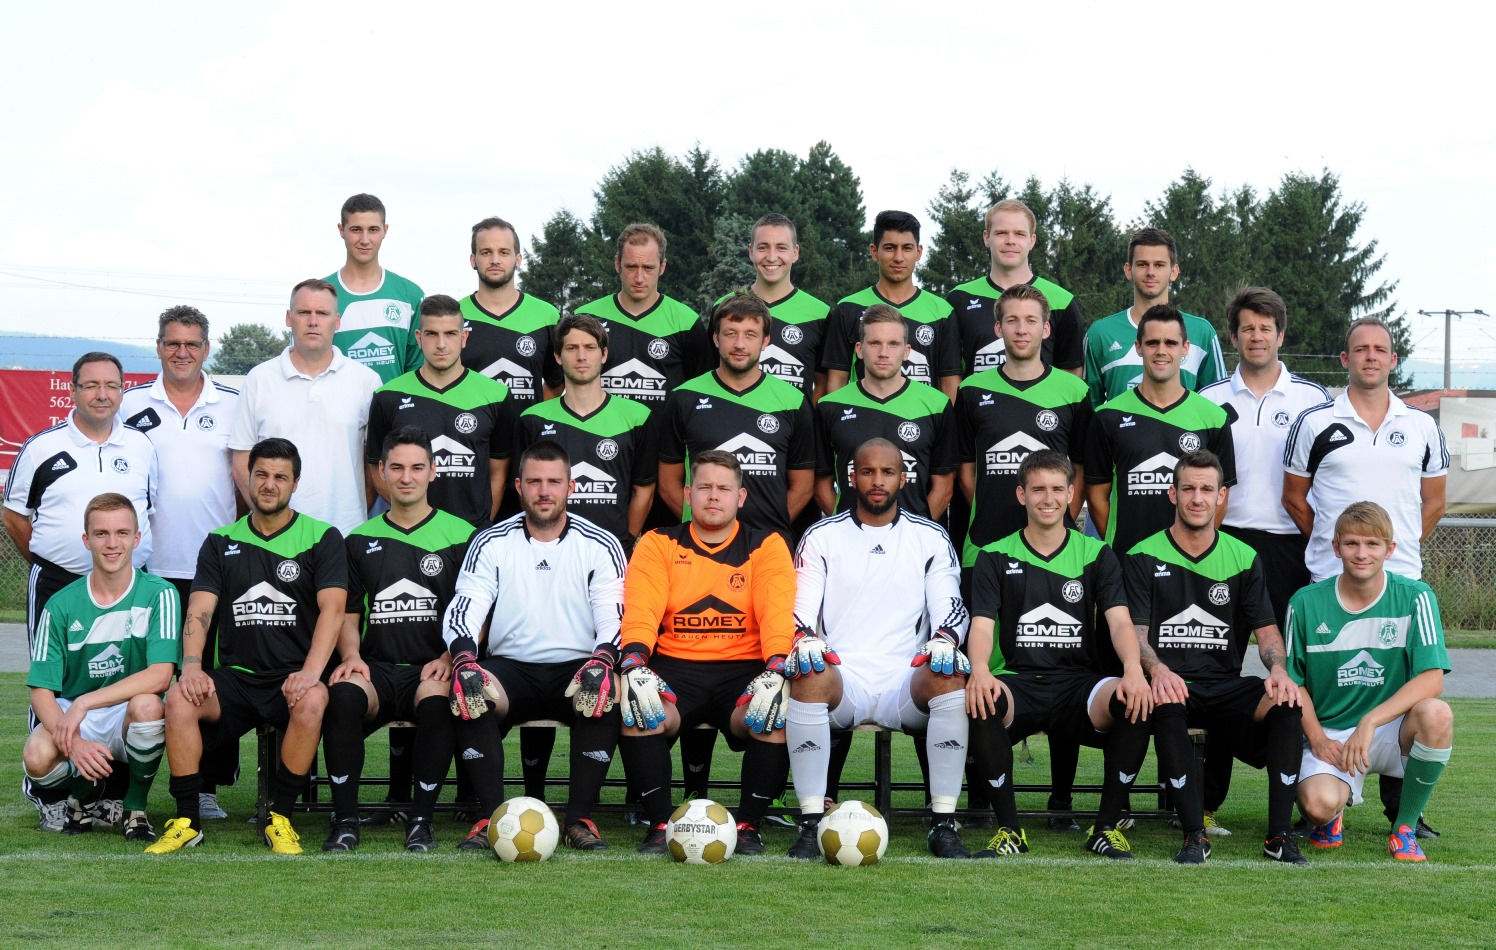 22.07.2014 Mannschaftsfoto FC Plaidt 2014/2015